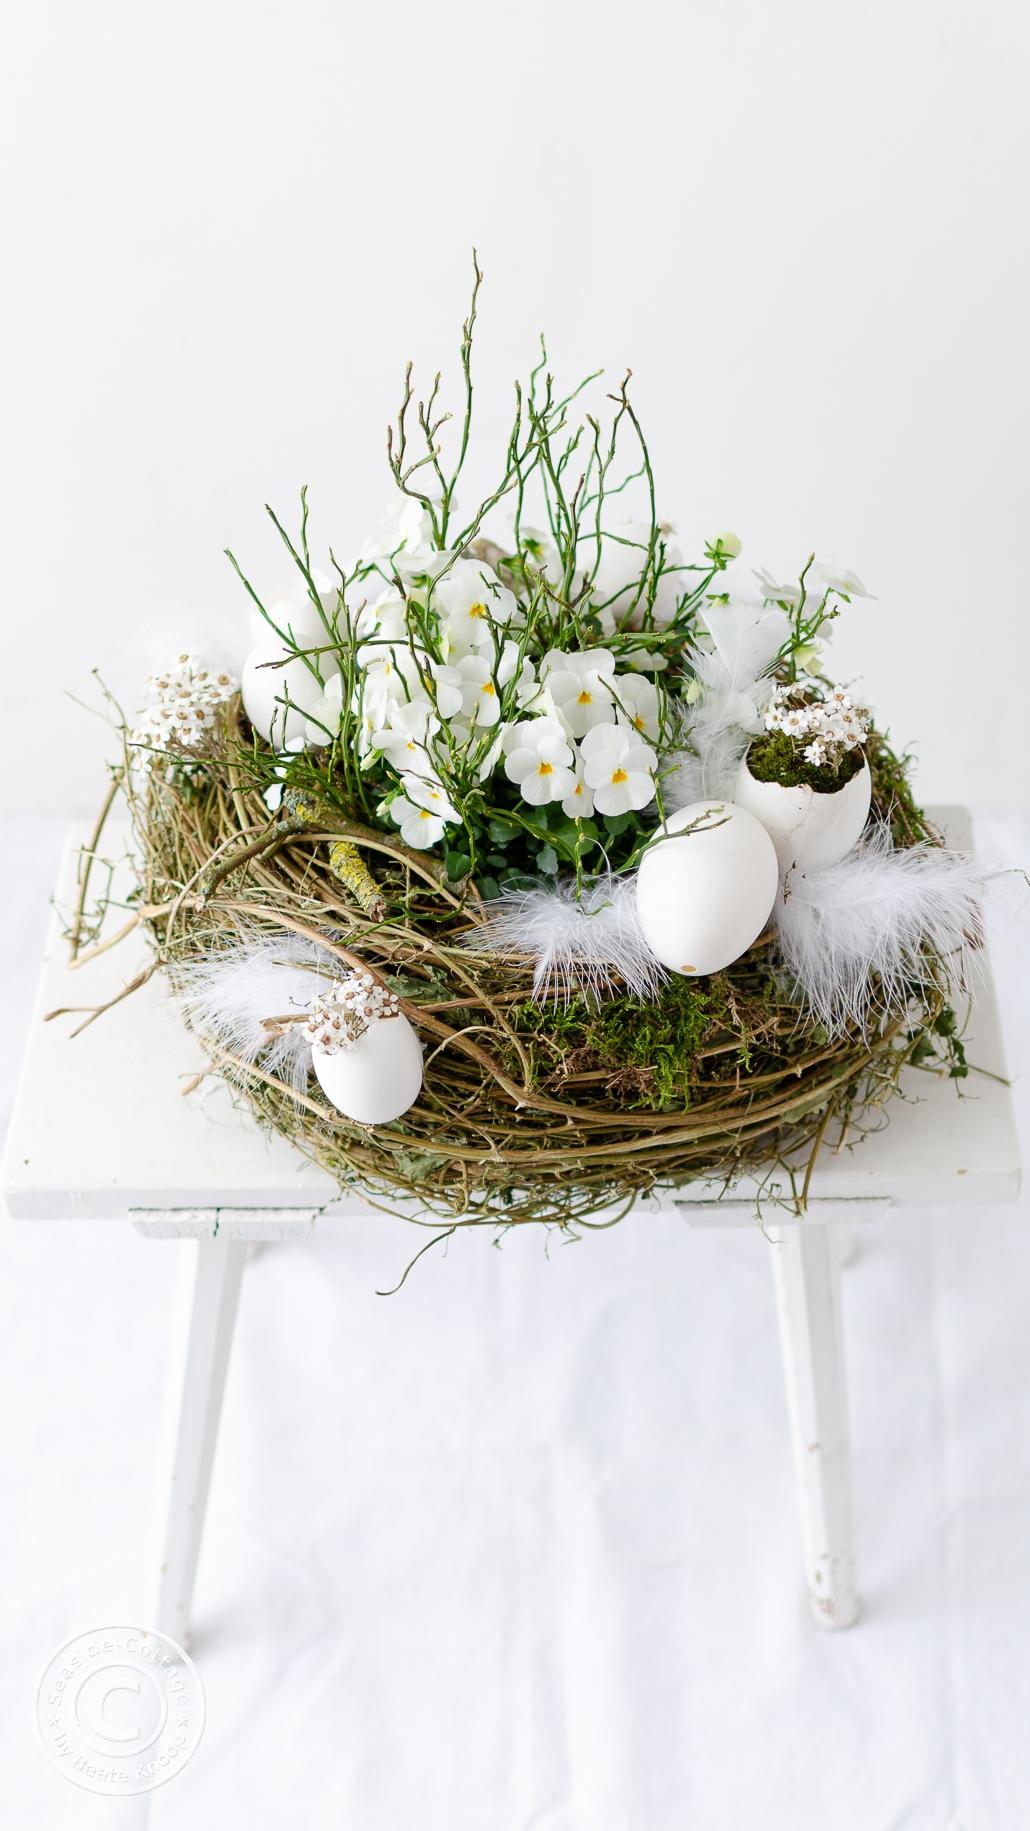 Weiß bepflanztes Osternest